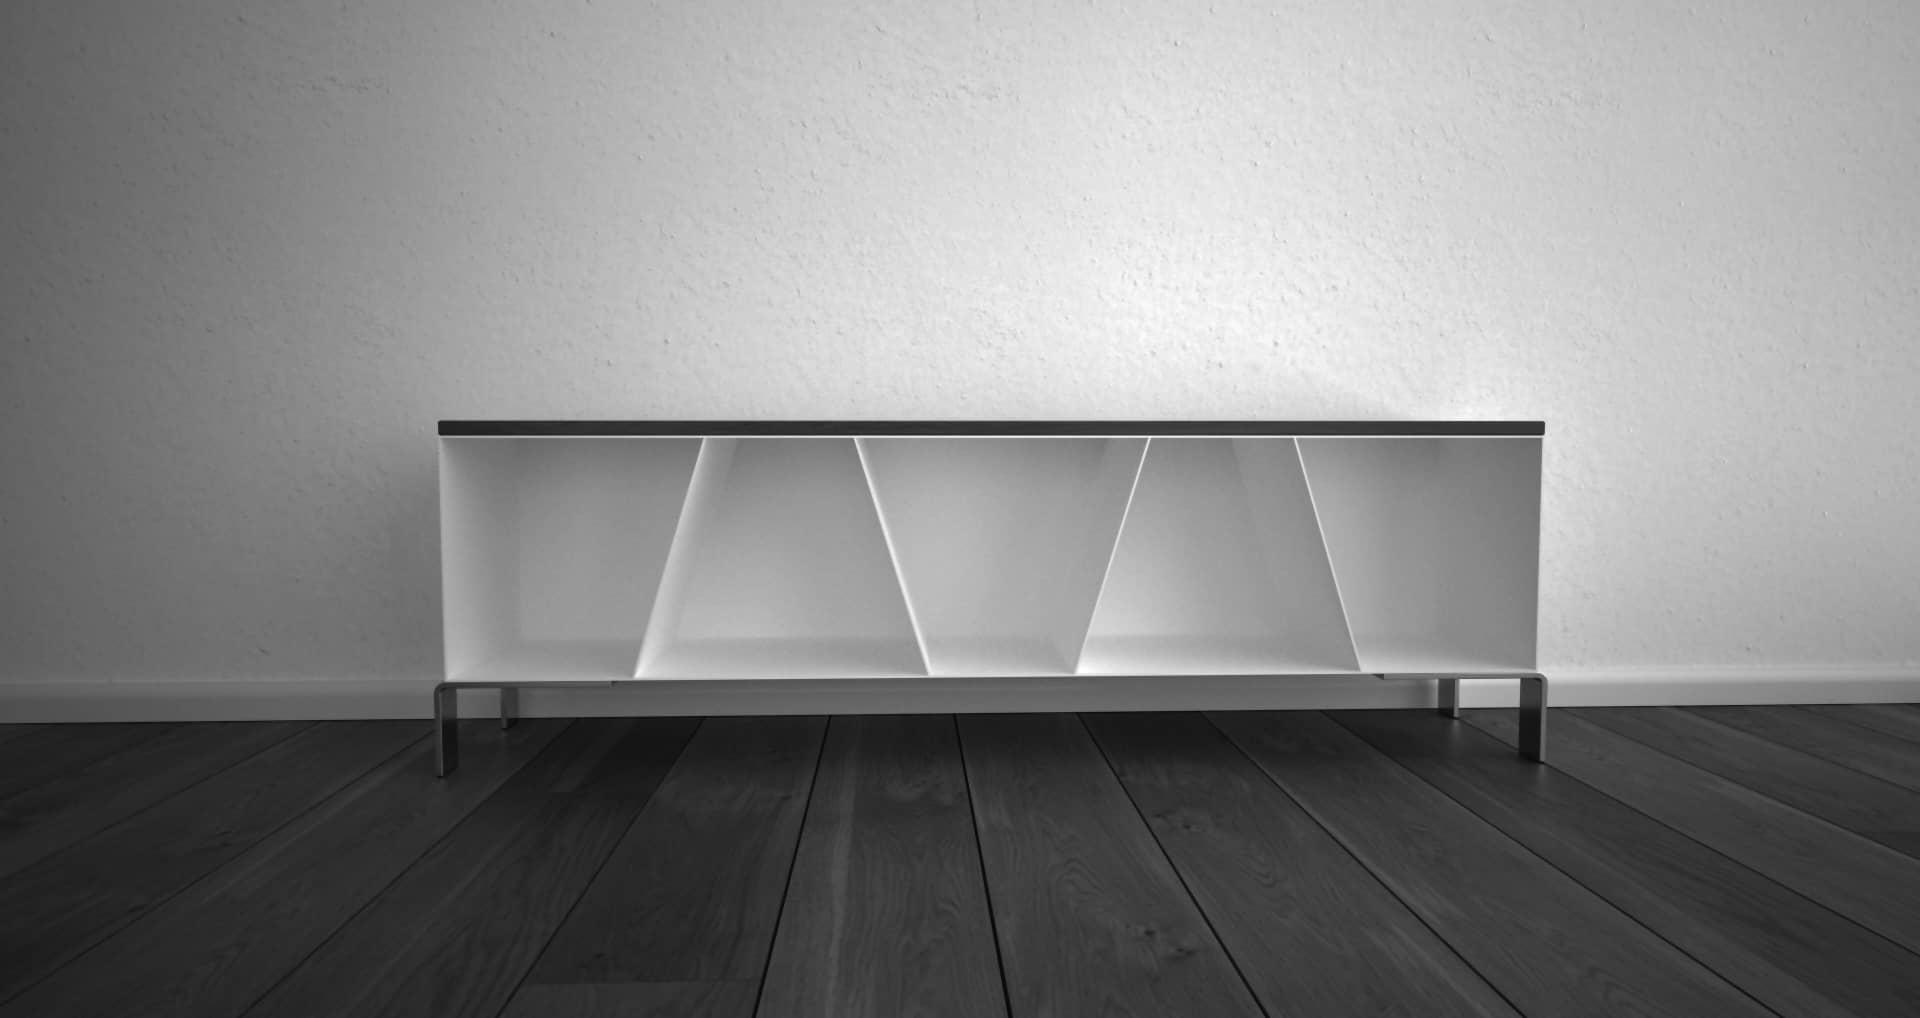 Design Metallmöbel TV-Sideboard Mehrzweck-Aufbewahrung aus Stahl Holz Eiche Stahlzart